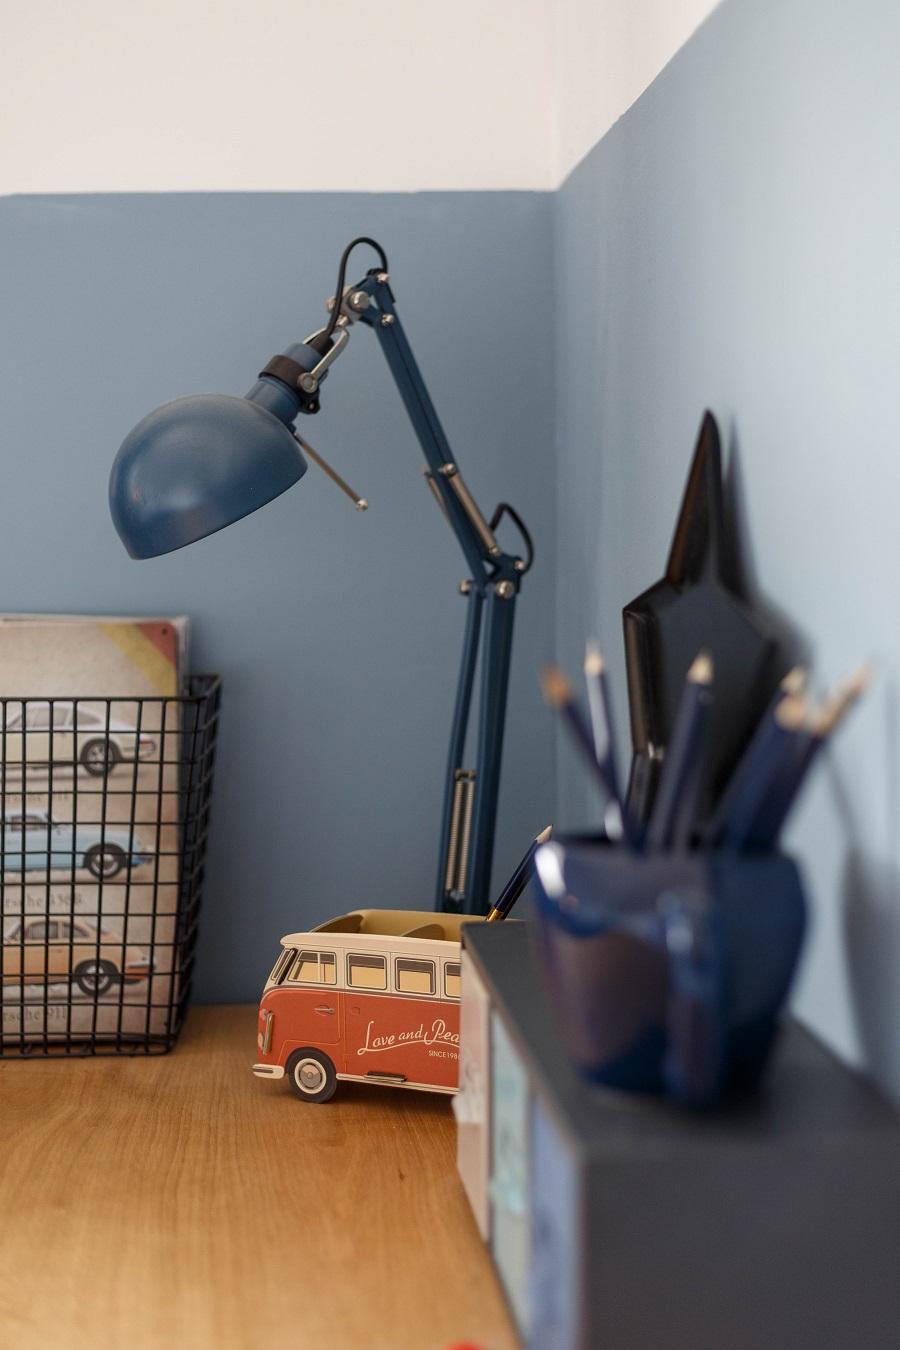 חדר נער עיצוב לימור אורן צילום אורית ארנון